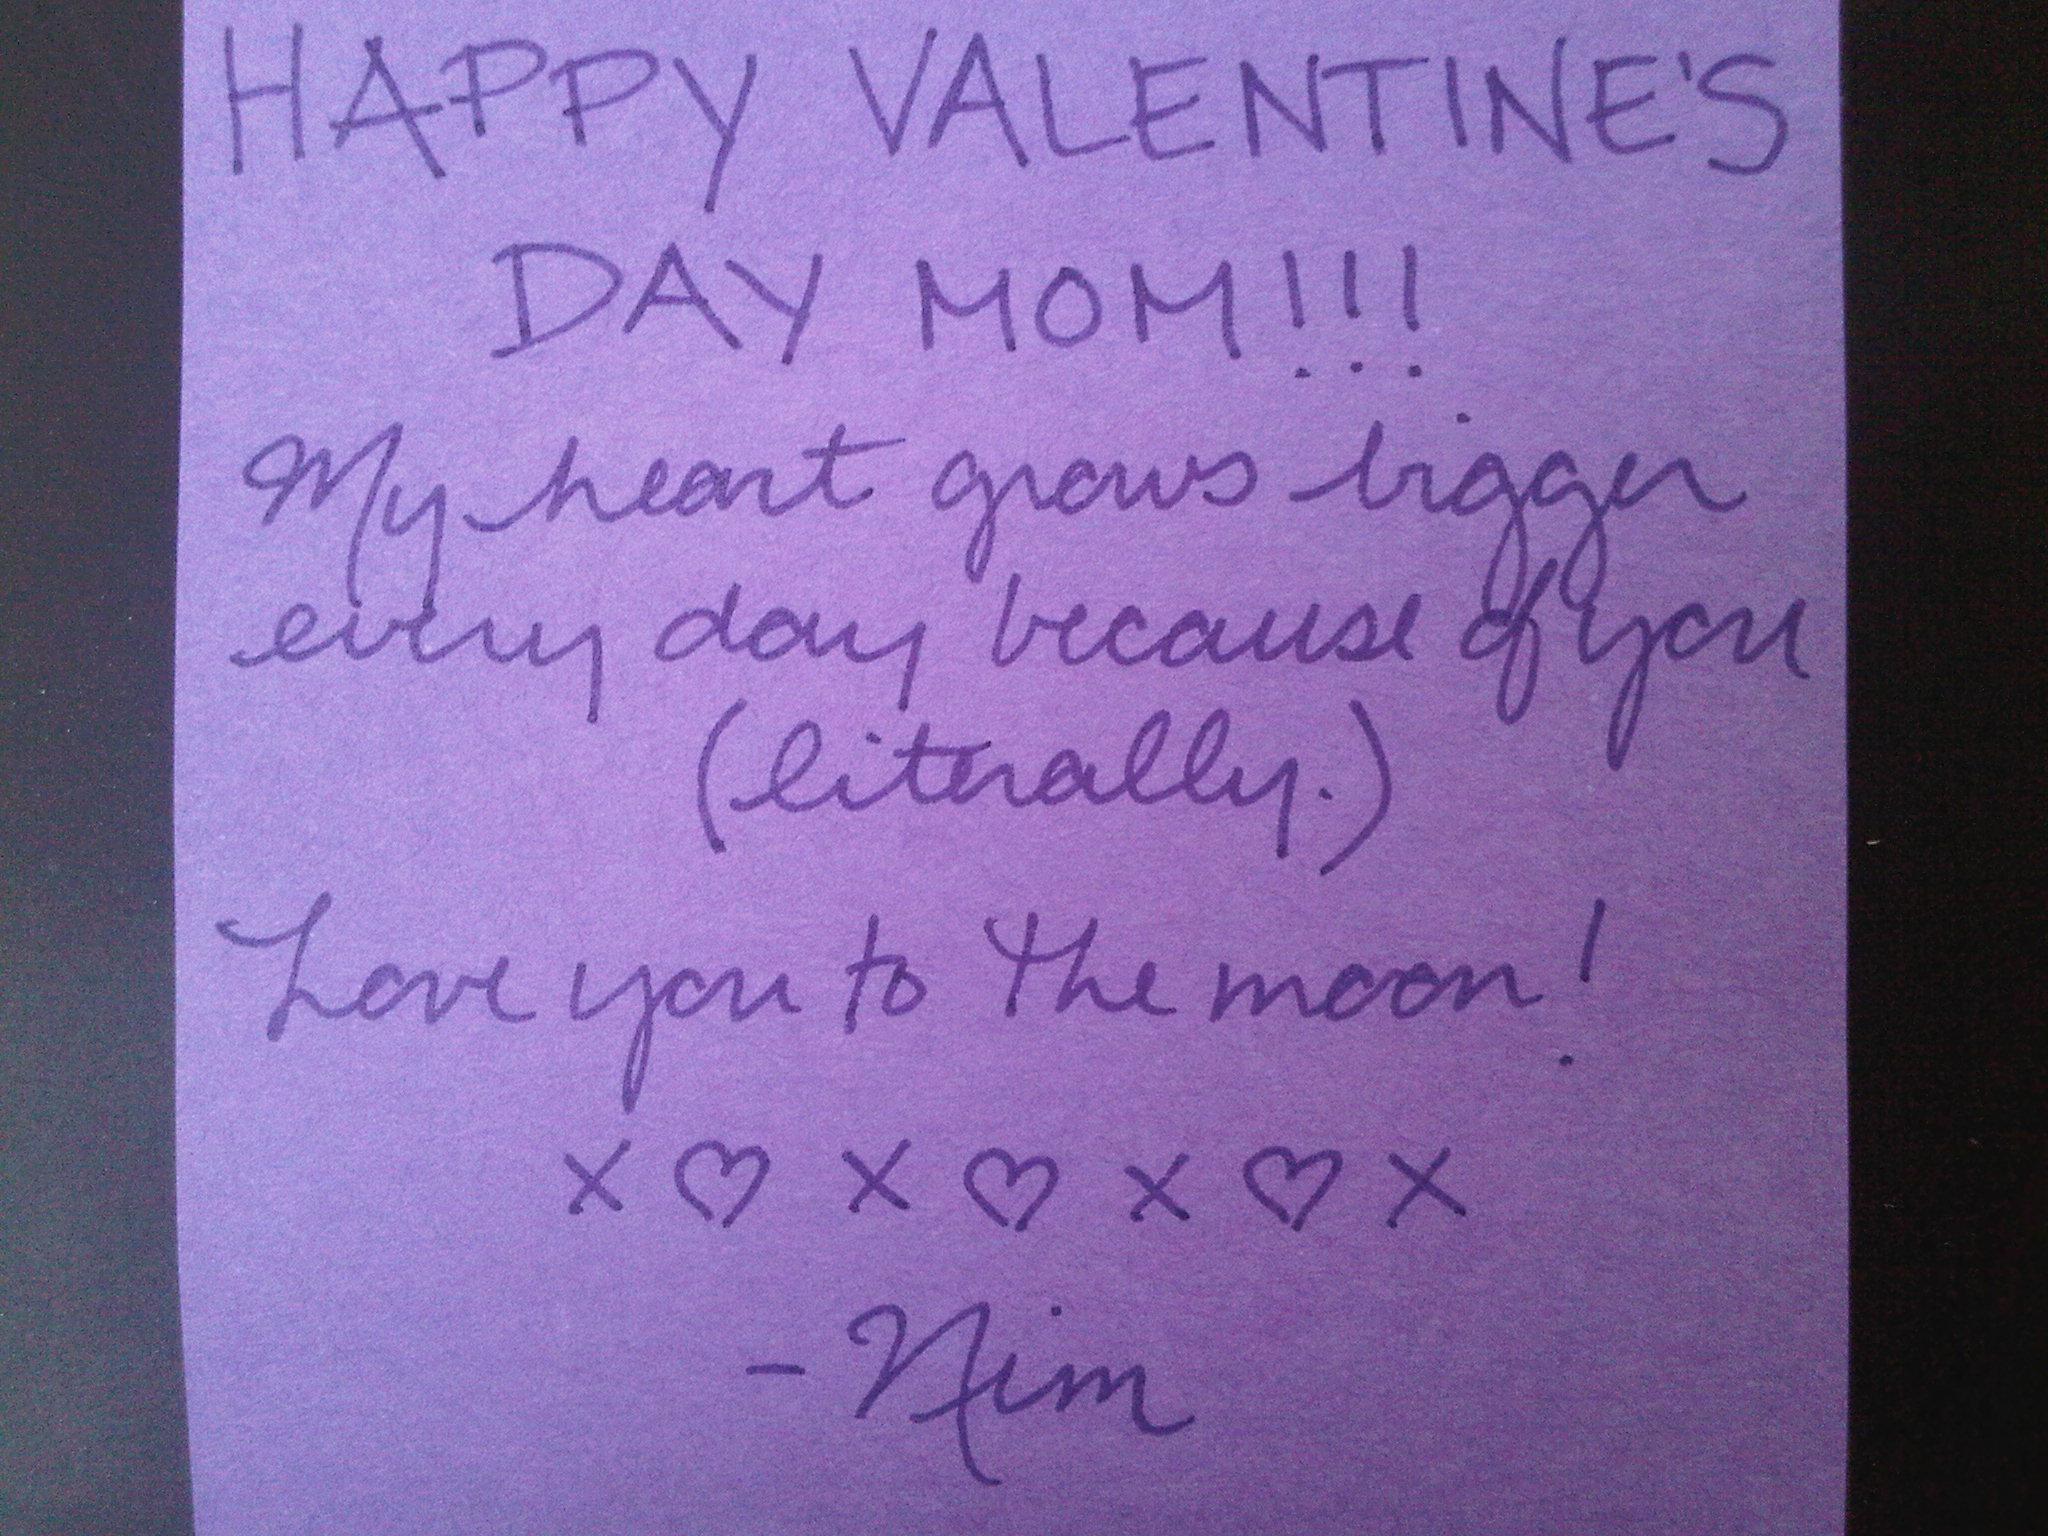 happy valentine s day mom nicki clyne